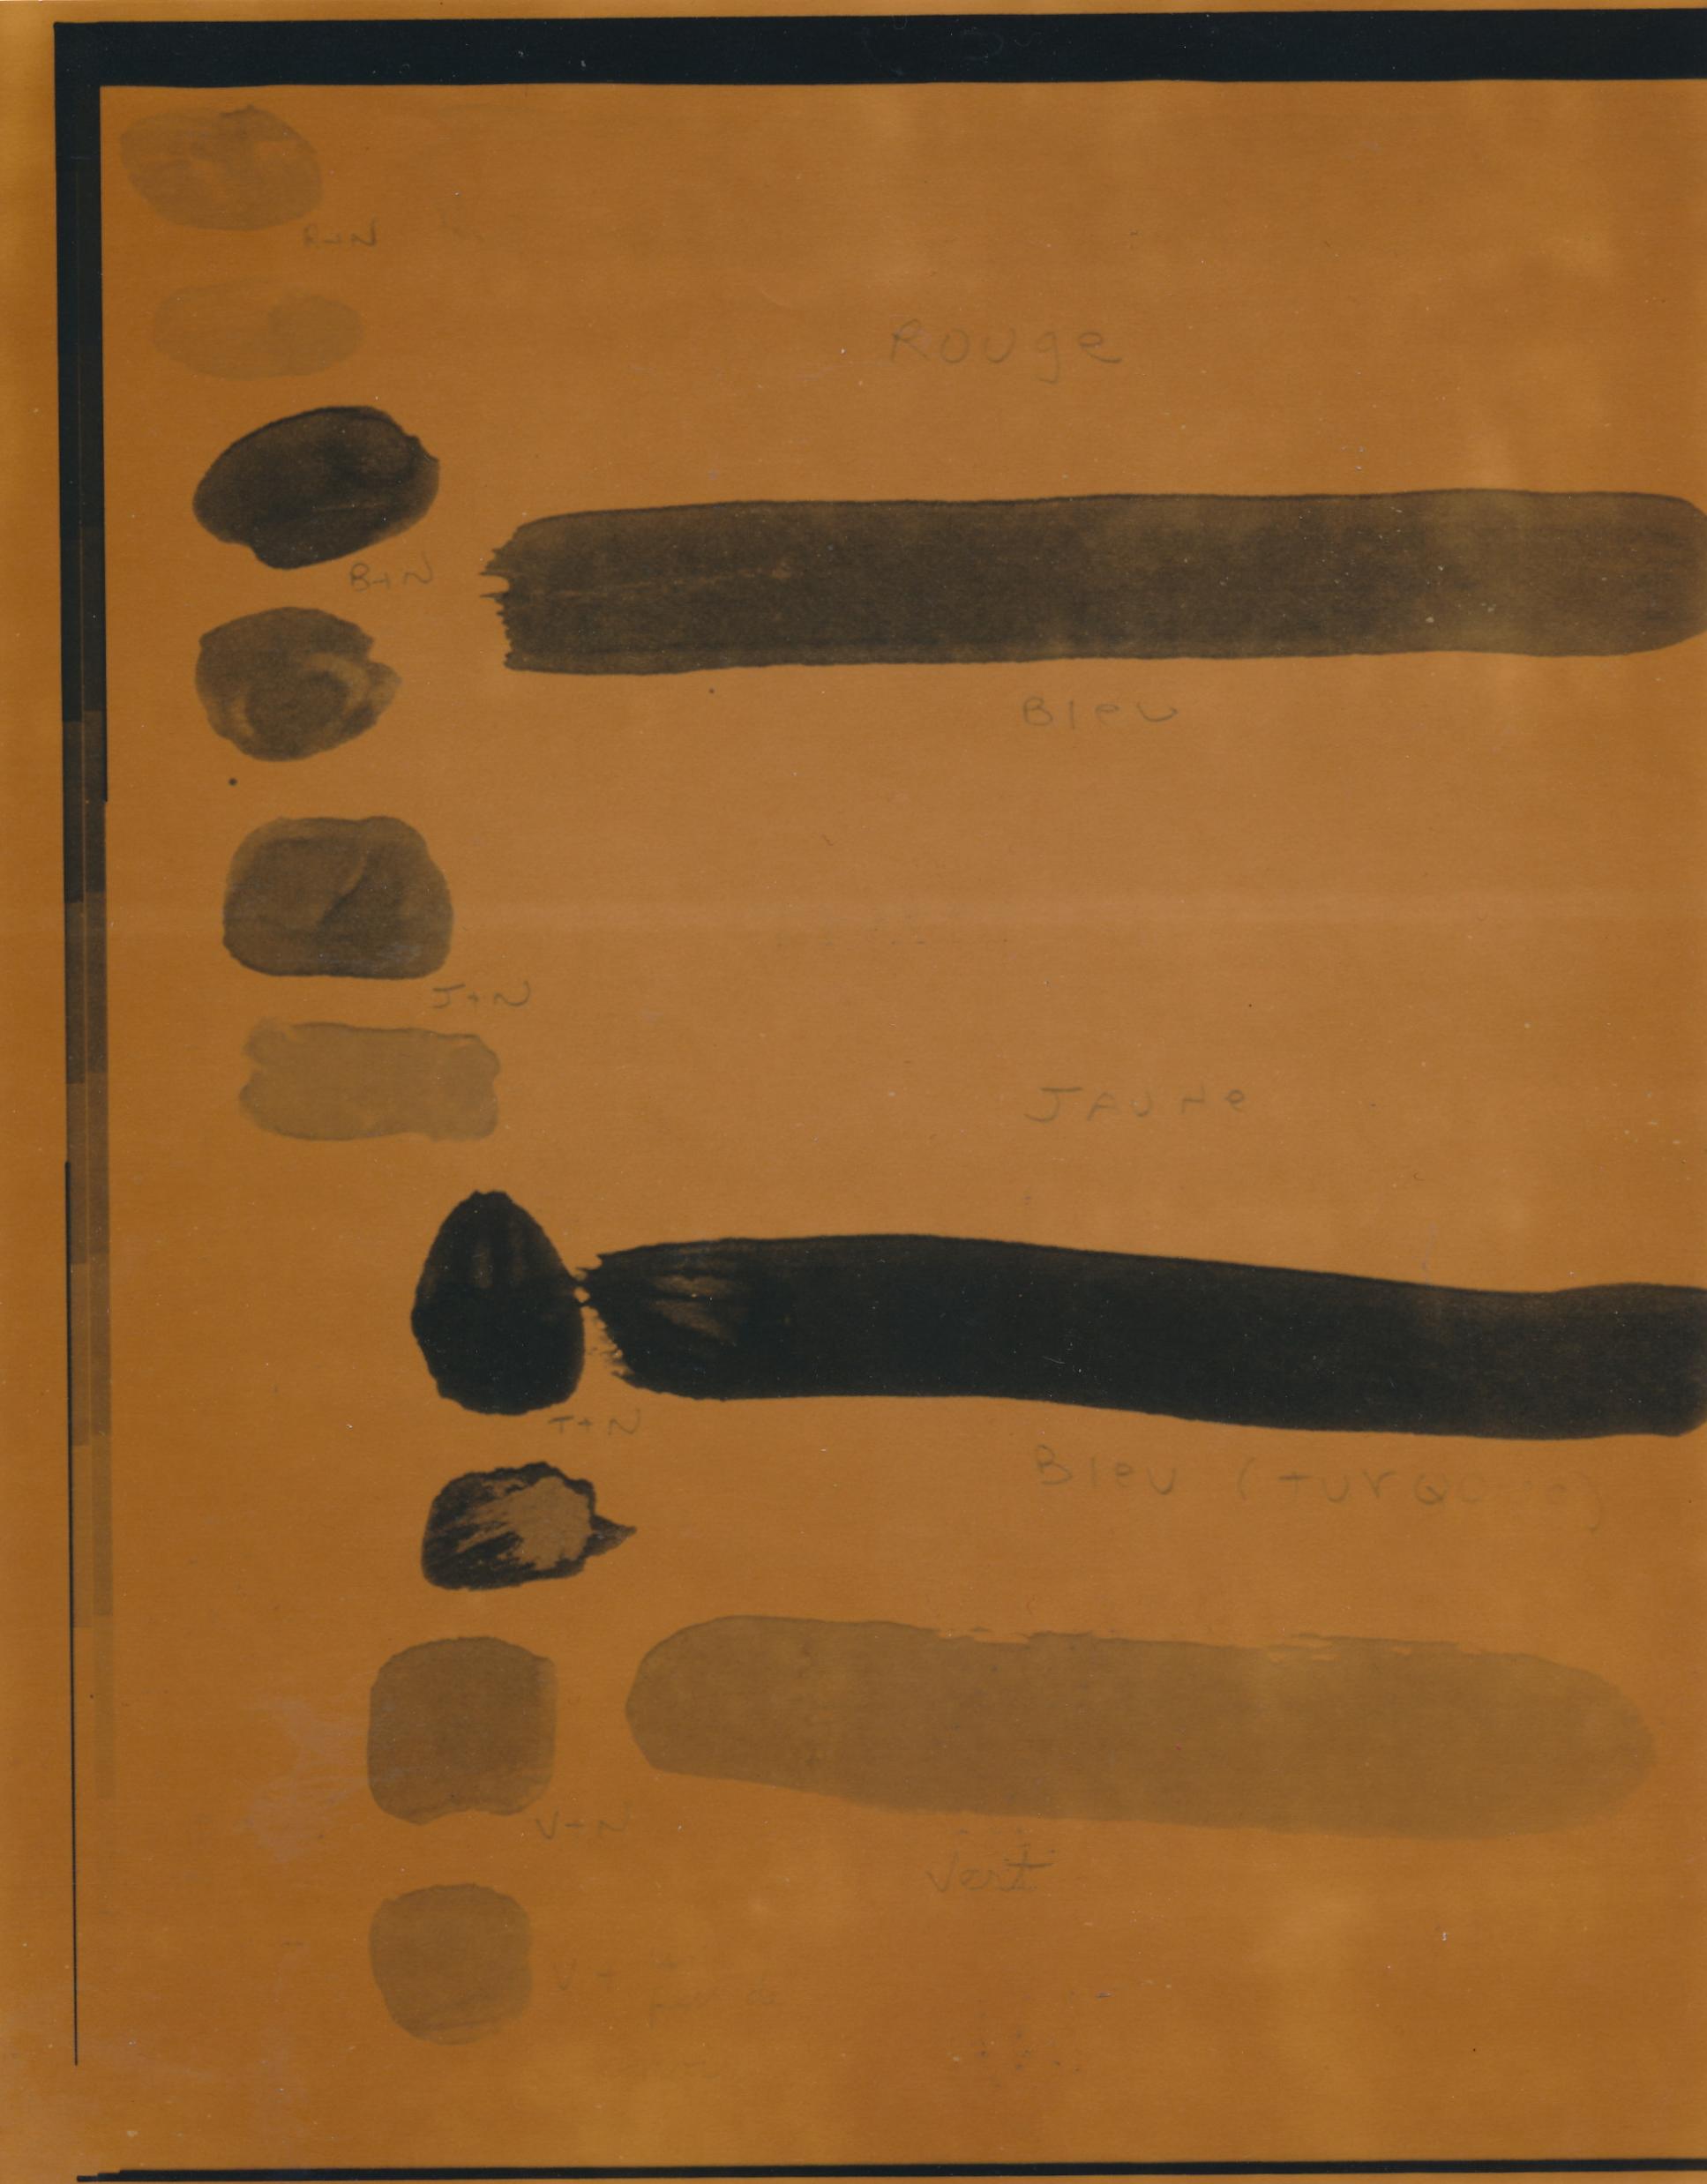 Document passé dans la machine photolaser : Test de couleurs 2. /   © Yvon Gallant 1982